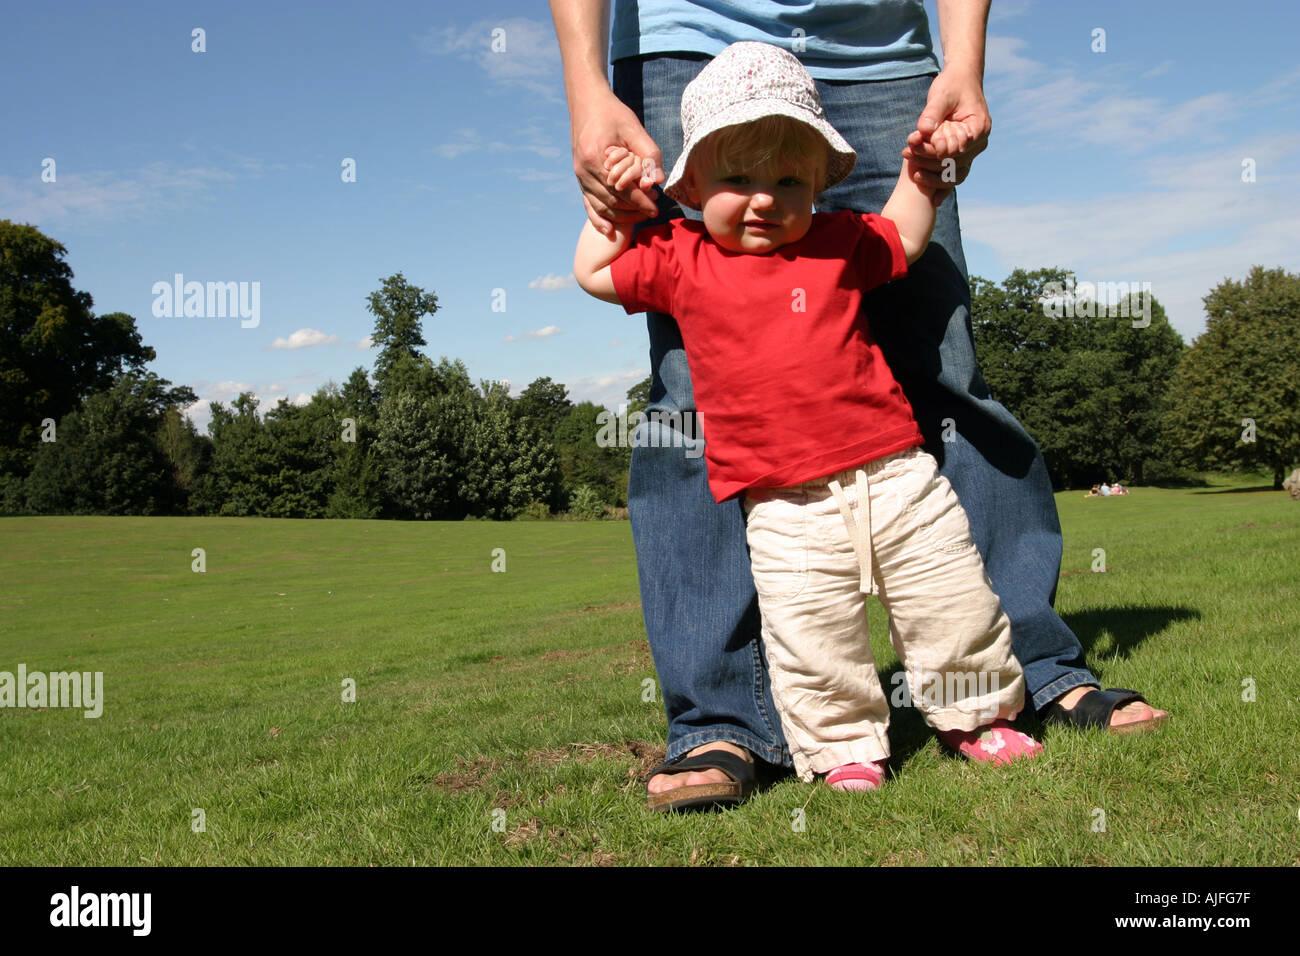 Kleinkind laufen lernen Stockfoto